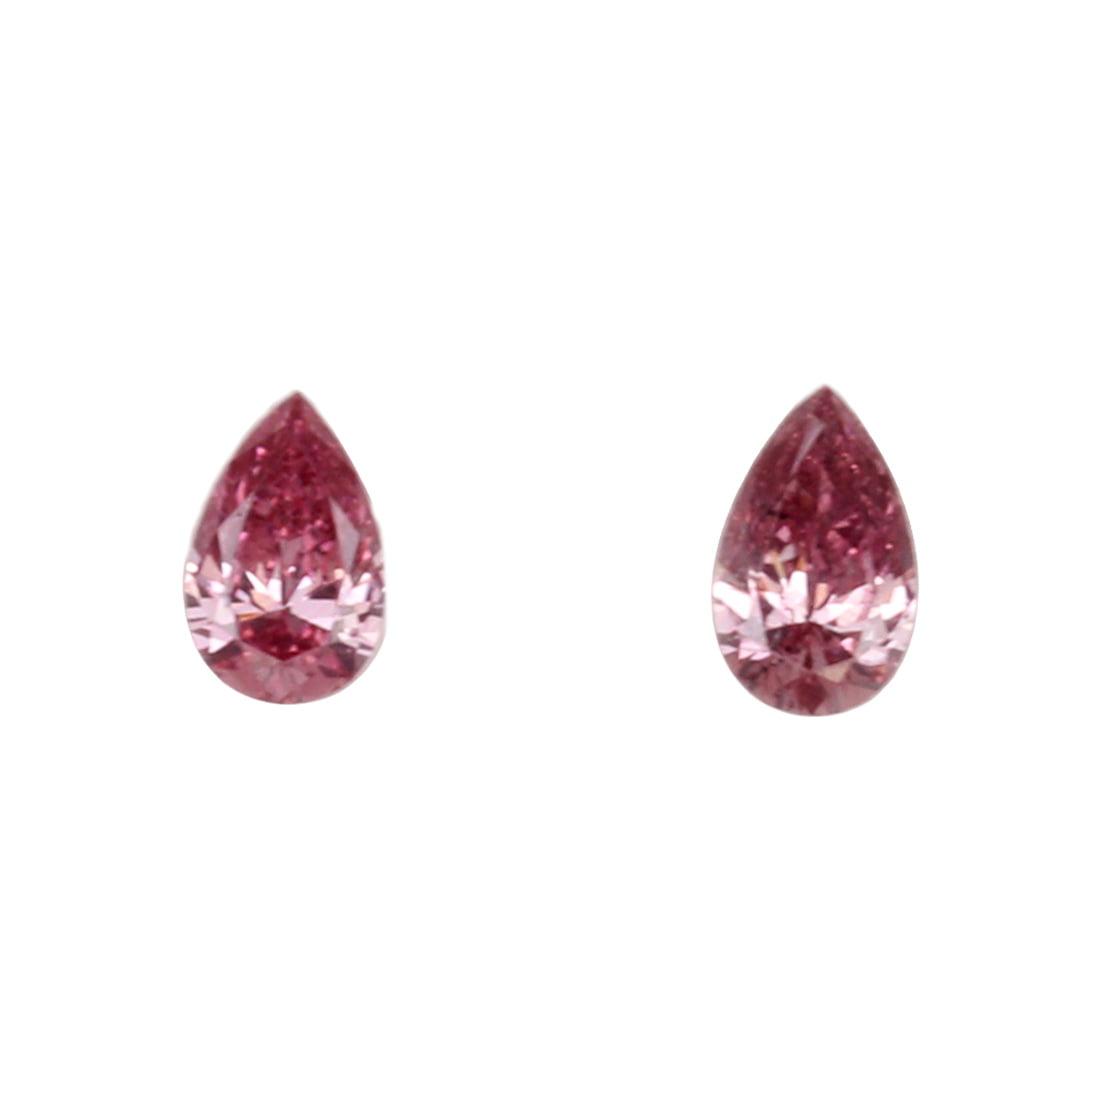 2=0.14ct Natural Fancy Intense Pink, 3P, SI2, Argyle Pink Diamond